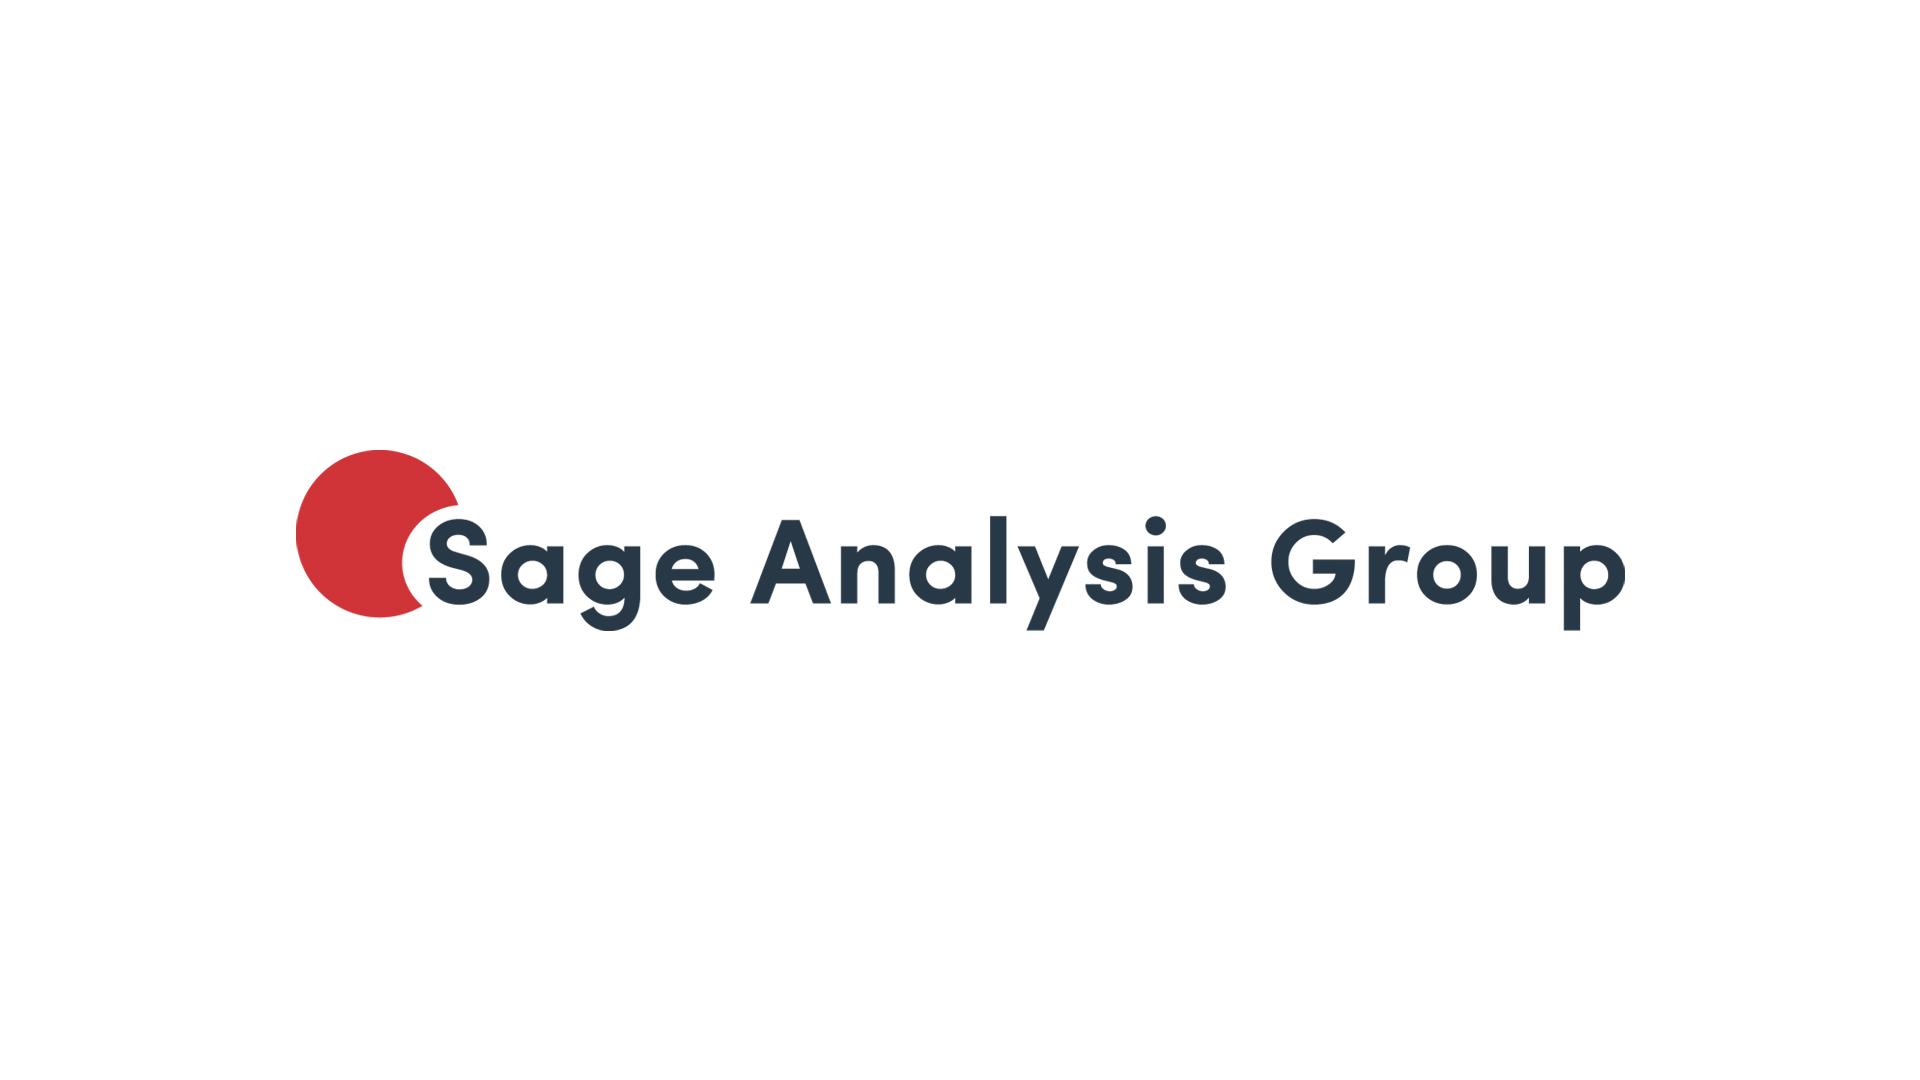 Sage Analysis Group Logo Slider